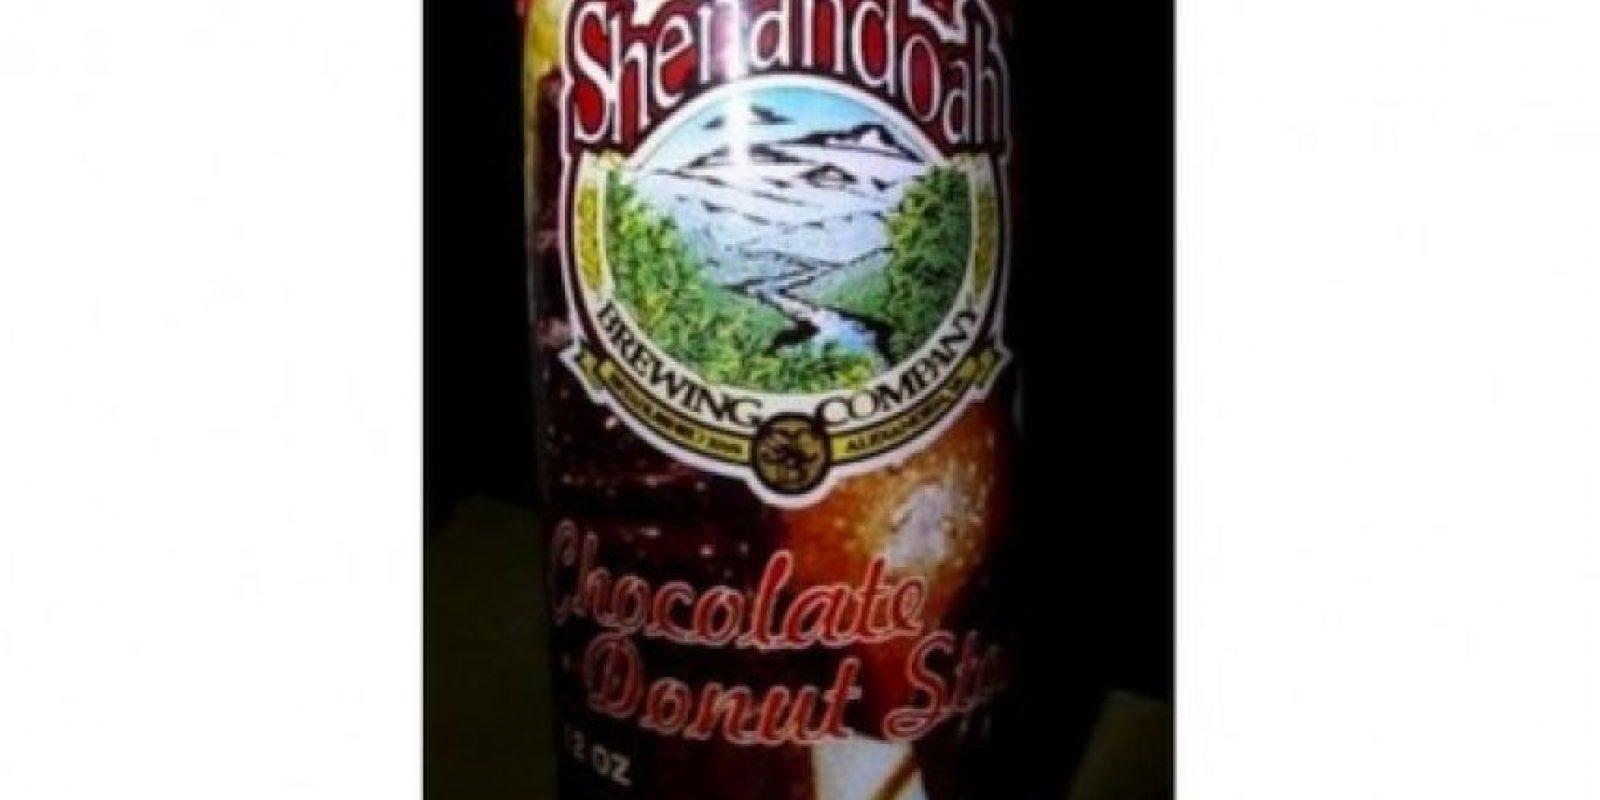 Cerveza dona de chocolate. Elaborada por Shenandoah Brewing Company, usa chocolate de verdad y otros ingredientes deliciosos